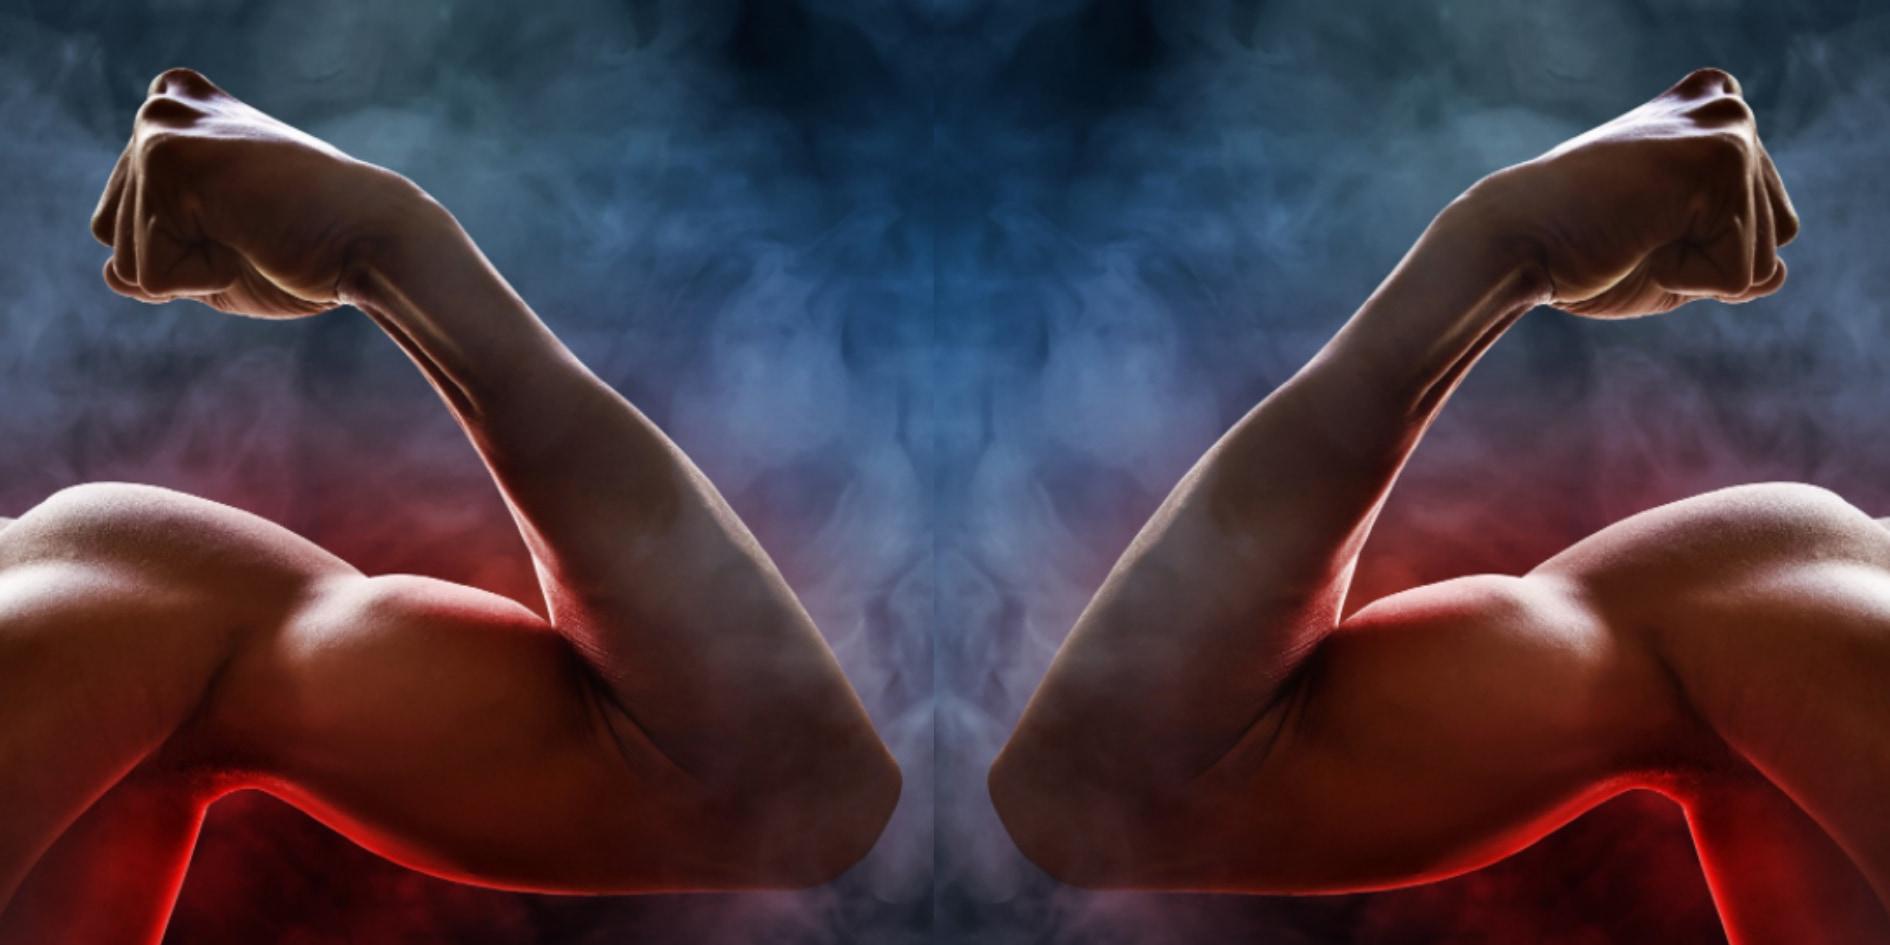 筋トレなどの無酸素運動が脂肪燃焼を引き起こす仕組みが判明! 筋細胞の破片が脂肪細胞にカツを入れていた